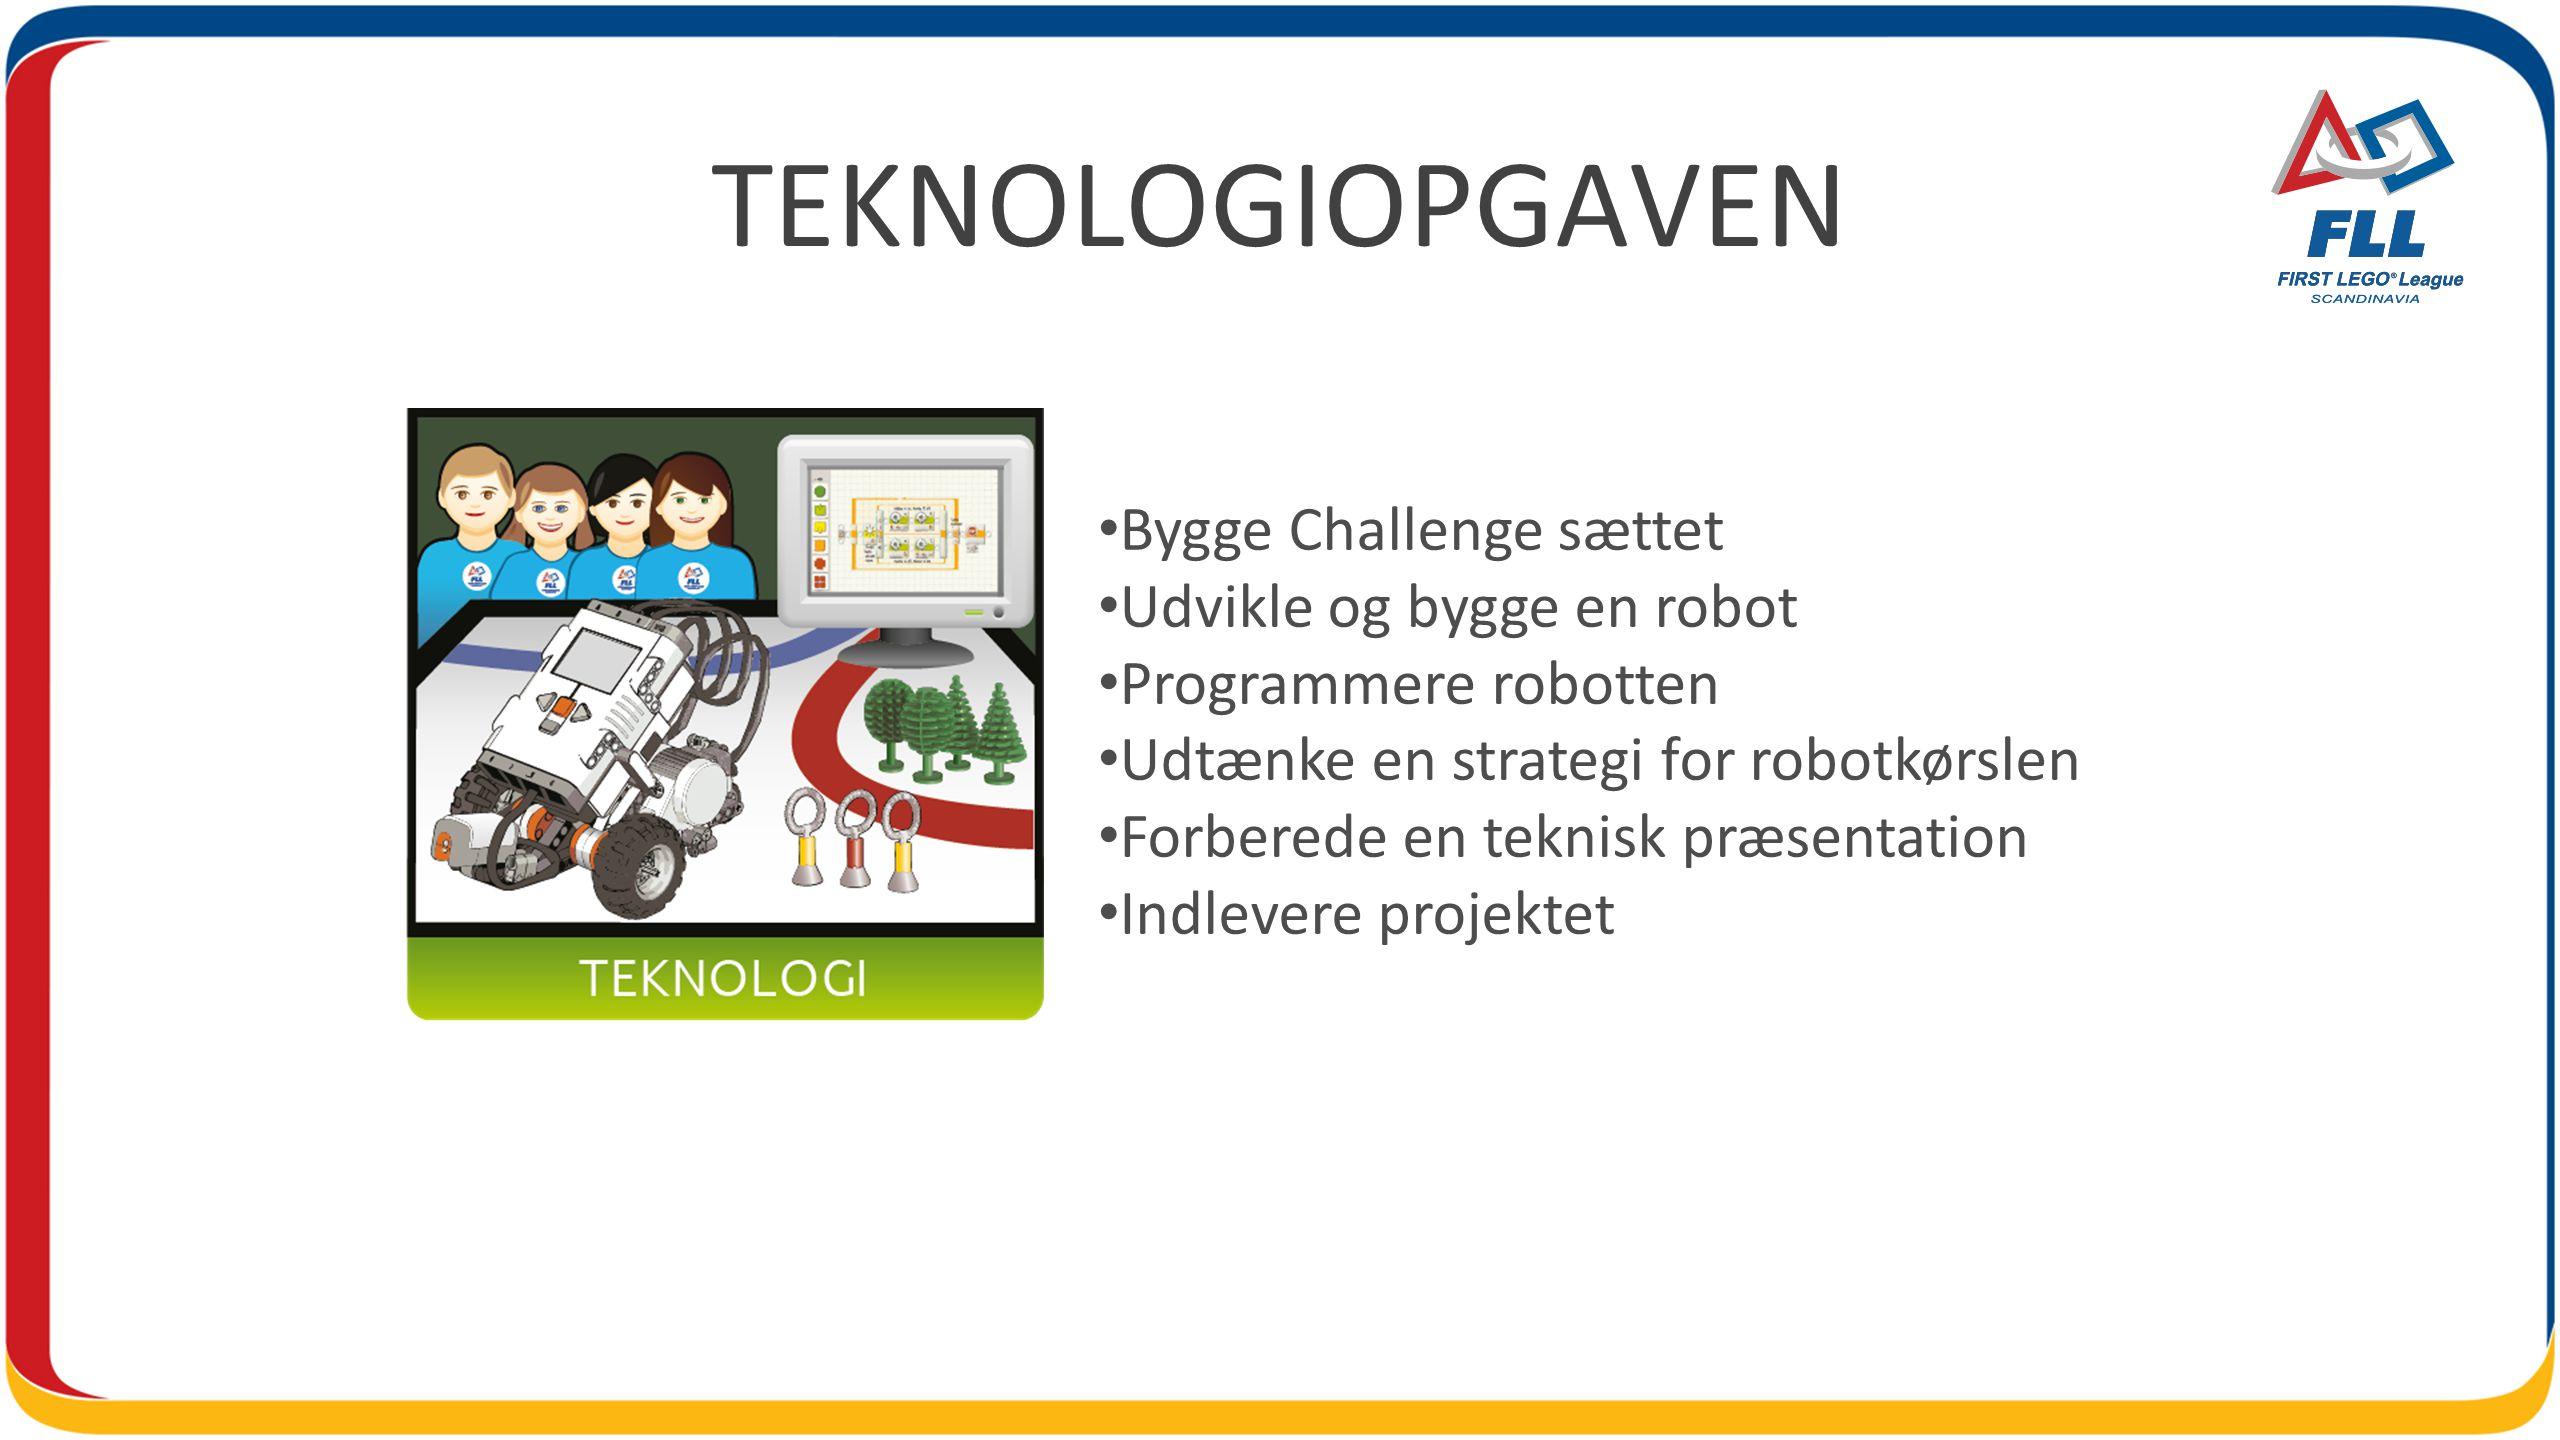 TEKNOLOGIOPGAVEN Bygge Challenge sættet Udvikle og bygge en robot Programmere robotten Udtænke en strategi for robotkørslen Forberede en teknisk præsentation Indlevere projektet